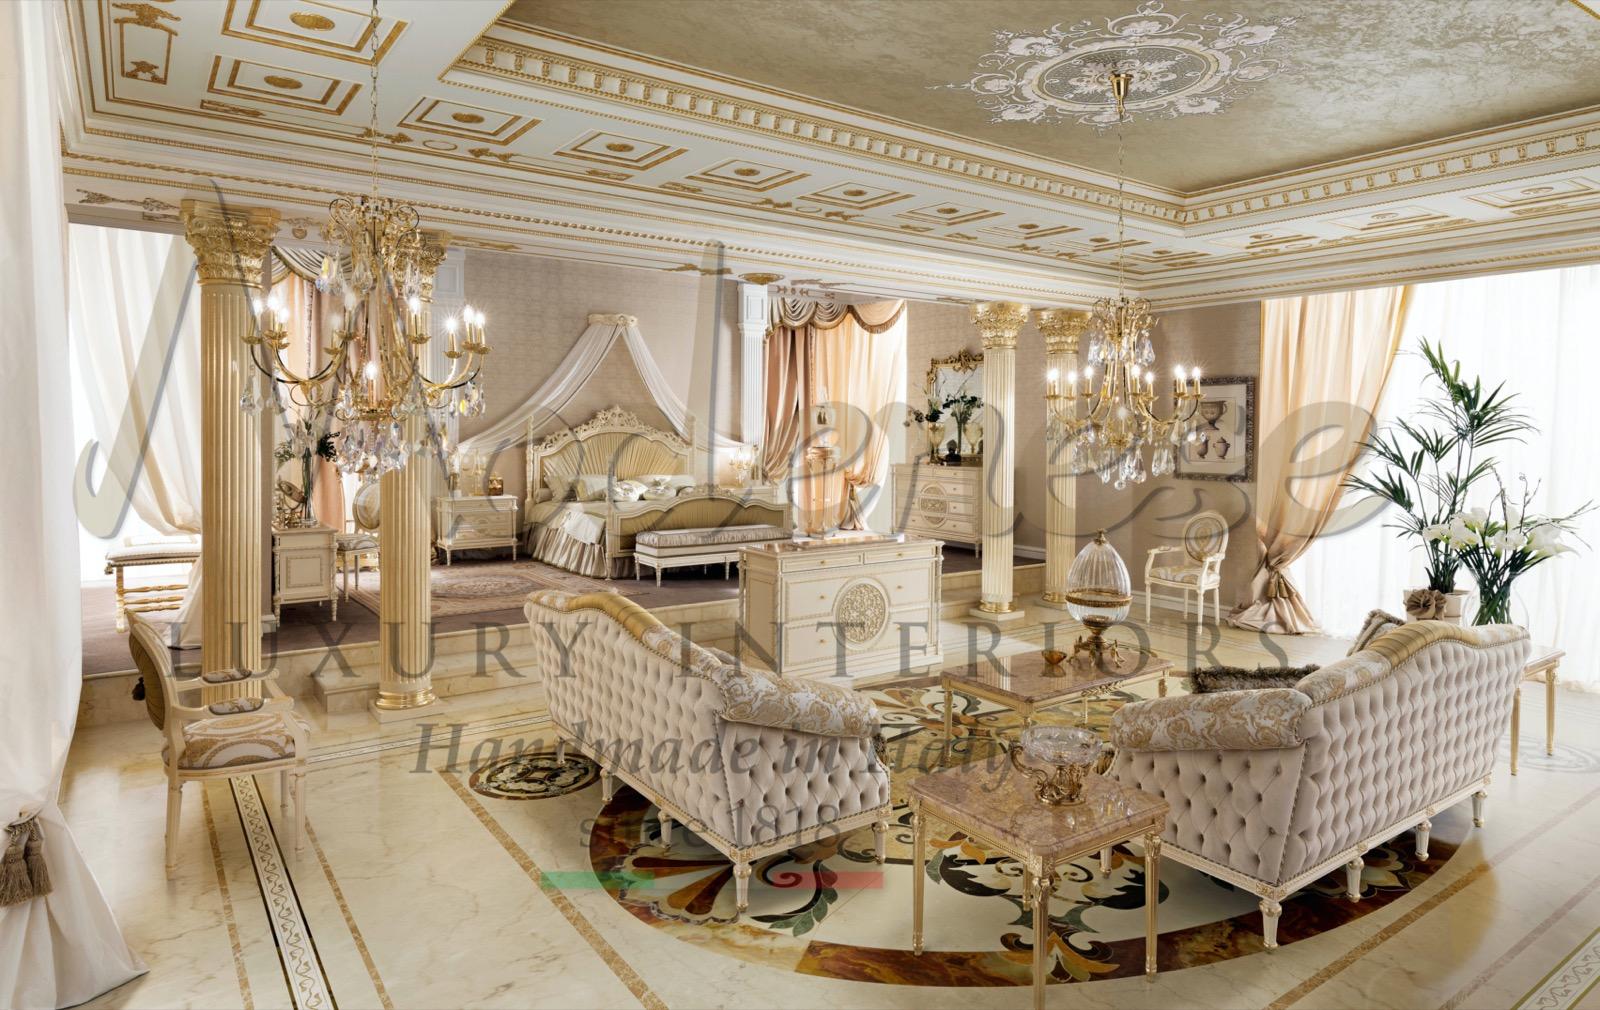 всемирно роскошные интерьеры выставочный зал мебель ручной работы в Италии Дубай ОАЭ королевская классическая вилла в императорском стиле